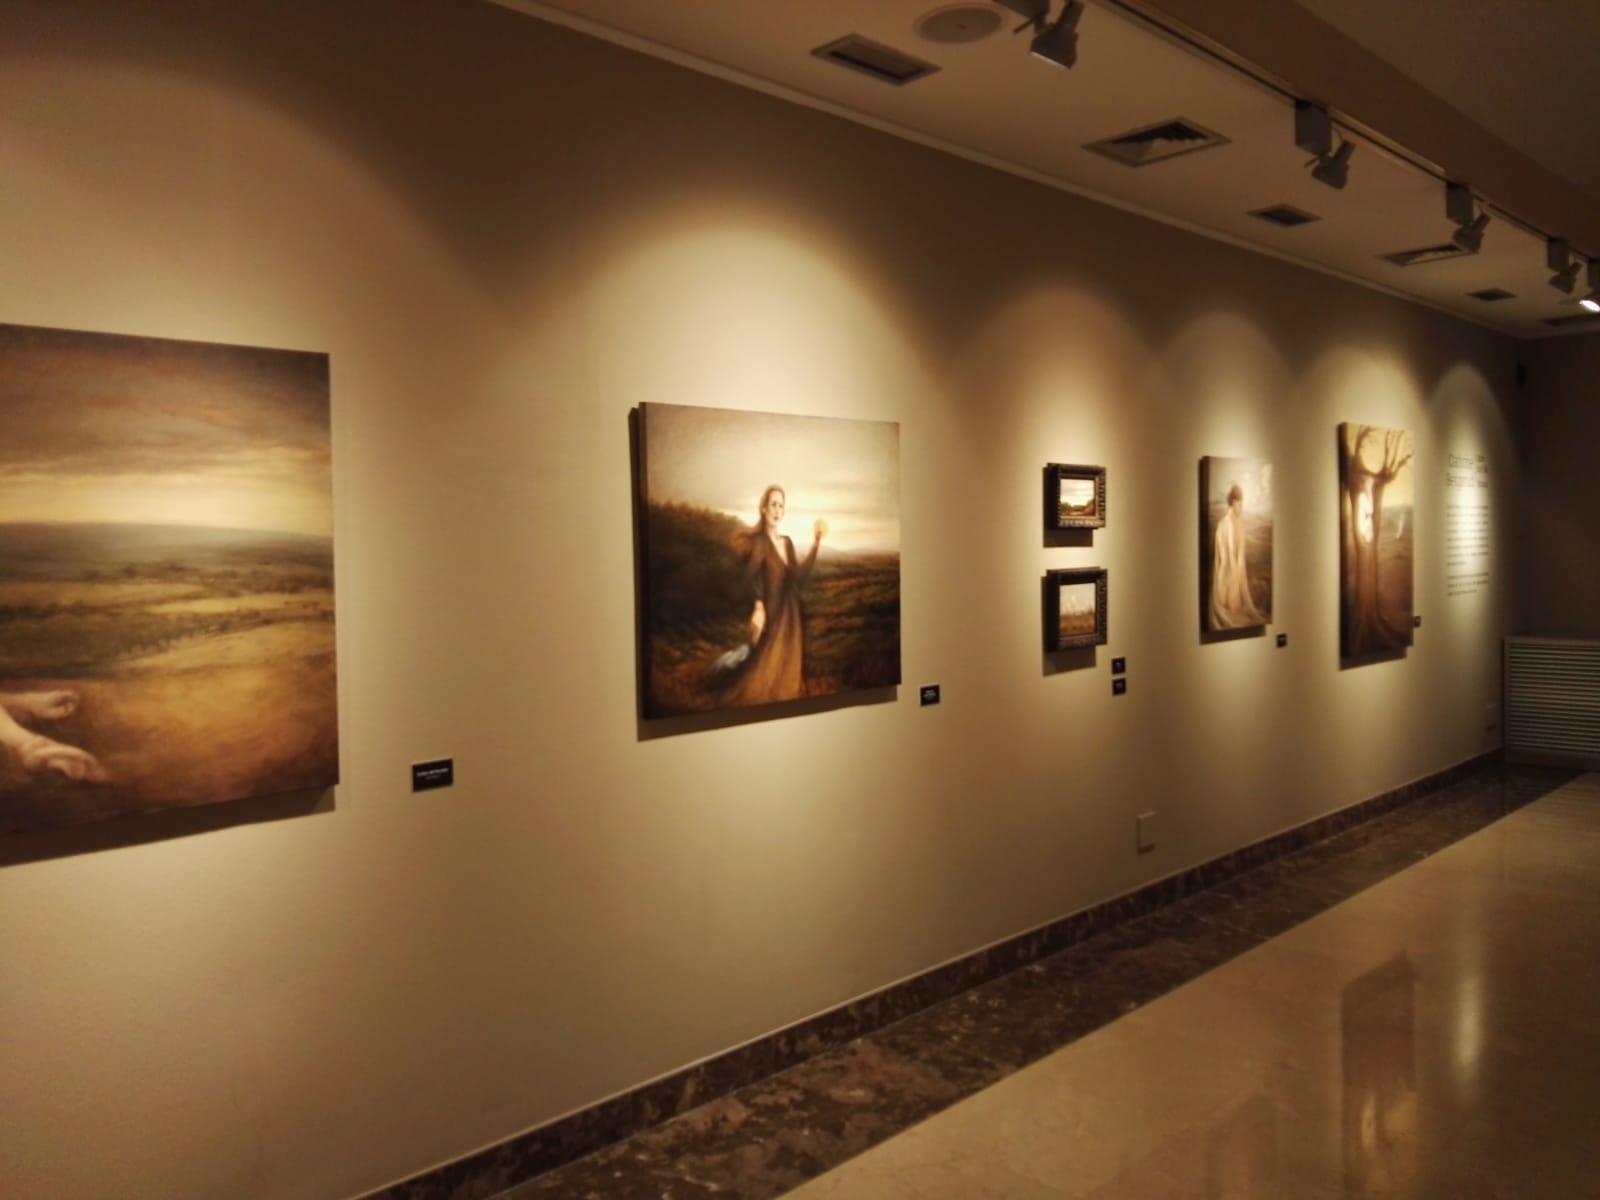 La subasta de una obra cerrará la exposición de Cathrine Bergsrud este fin de semana